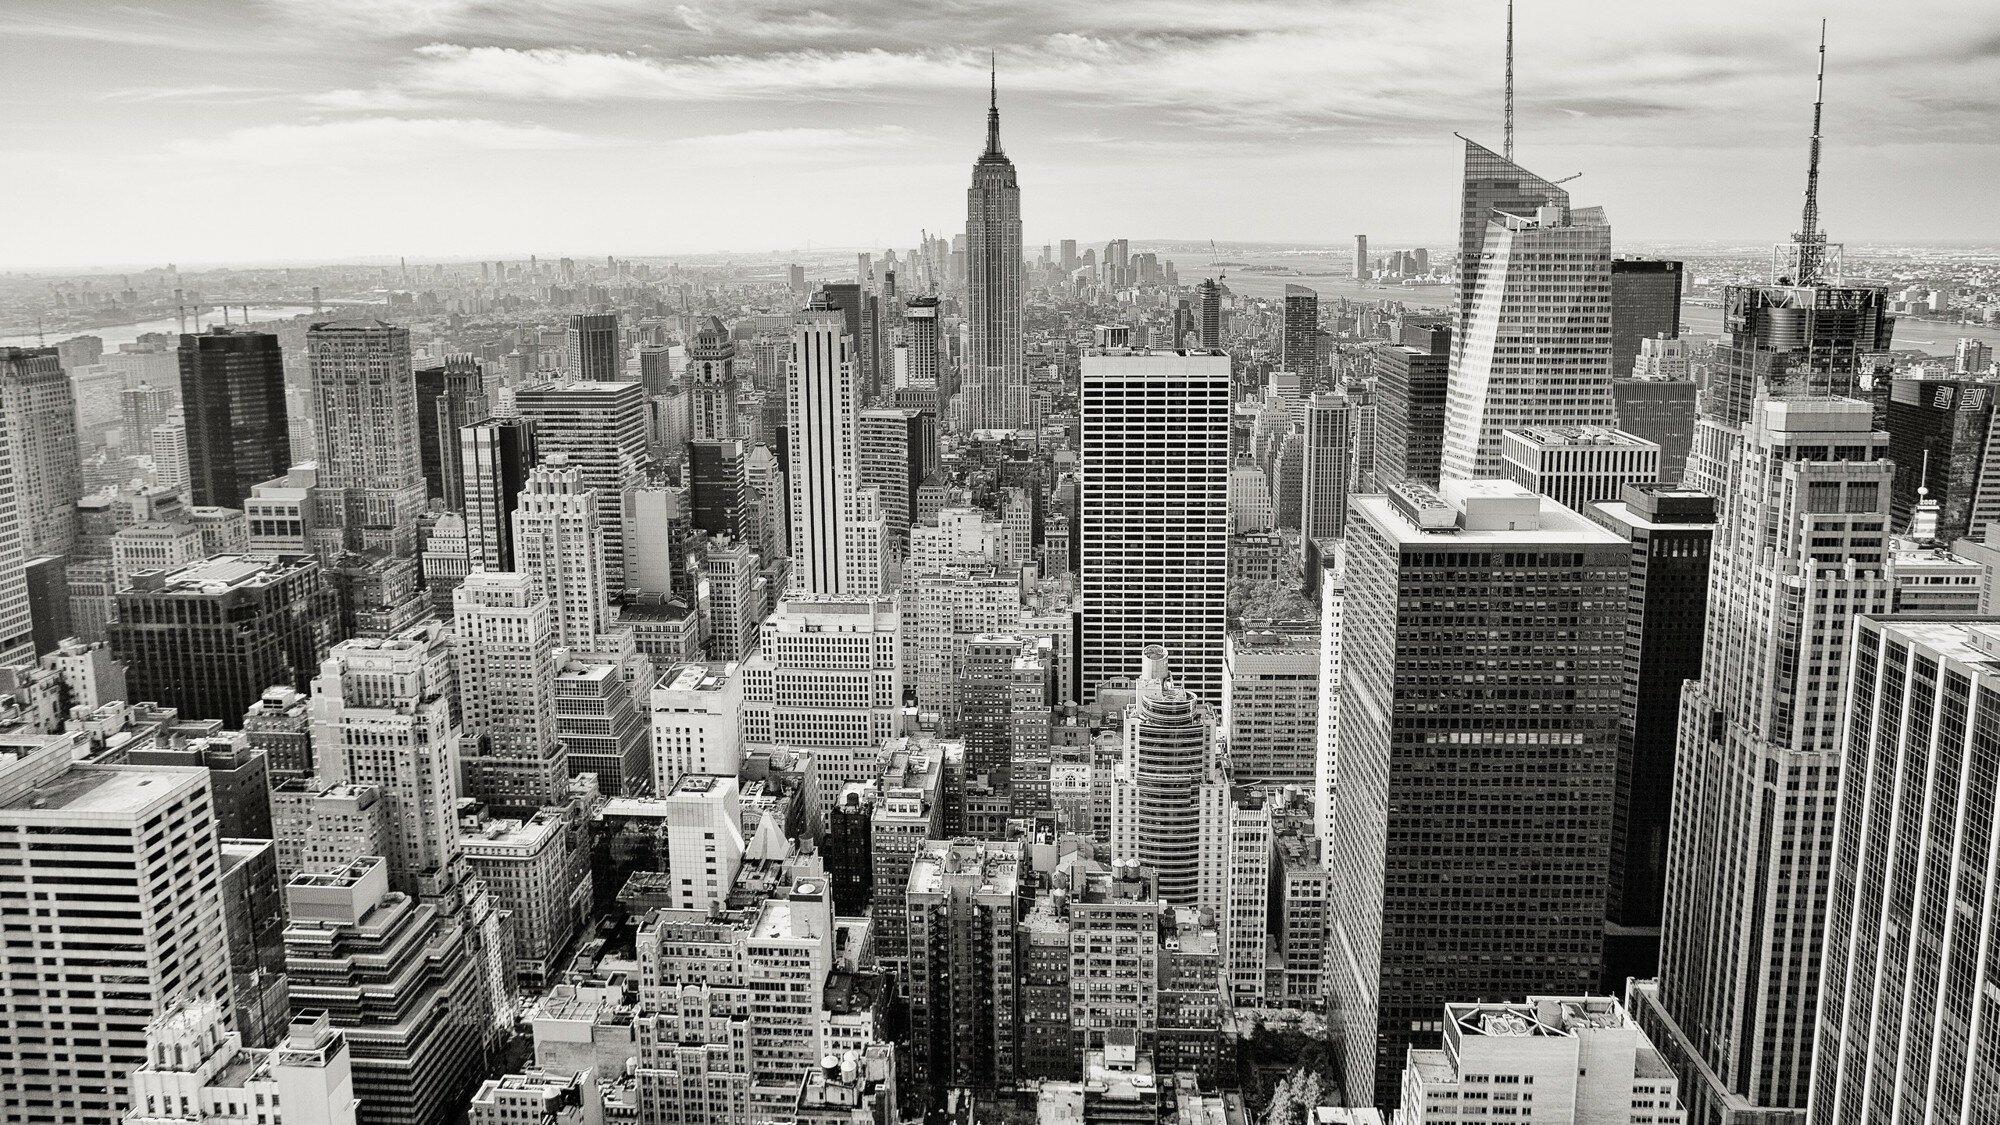 Топ-10 городов-рекордсменов по количеству небоскребов